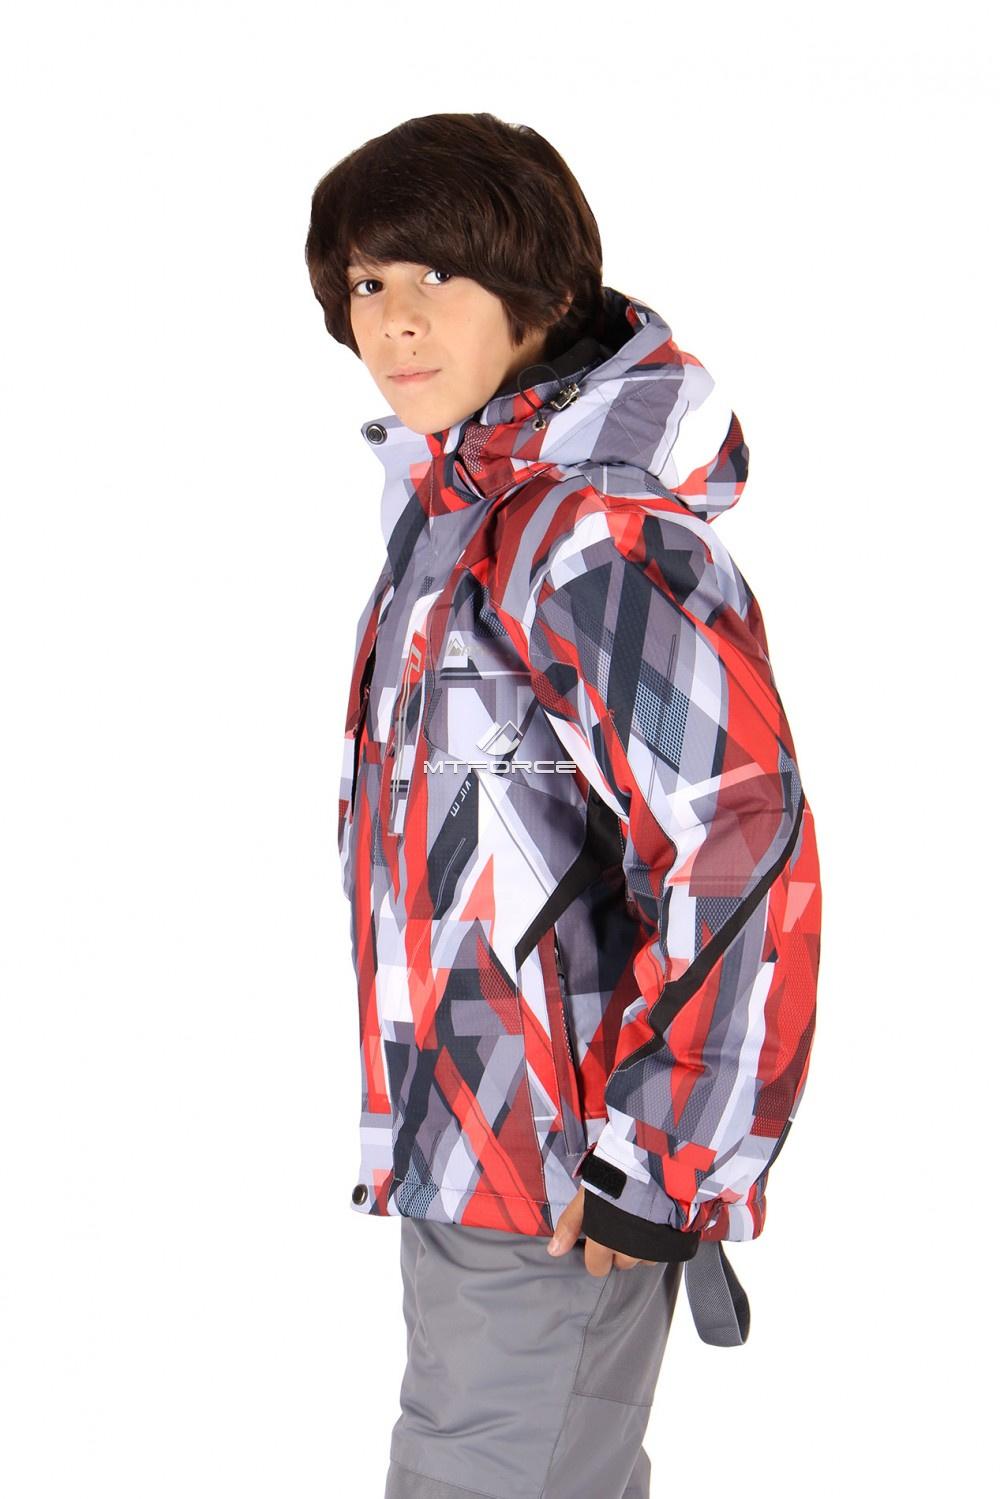 Купить оптом Костюм горнолыжный  для мальчика красного  цвета 424Kr в Казани